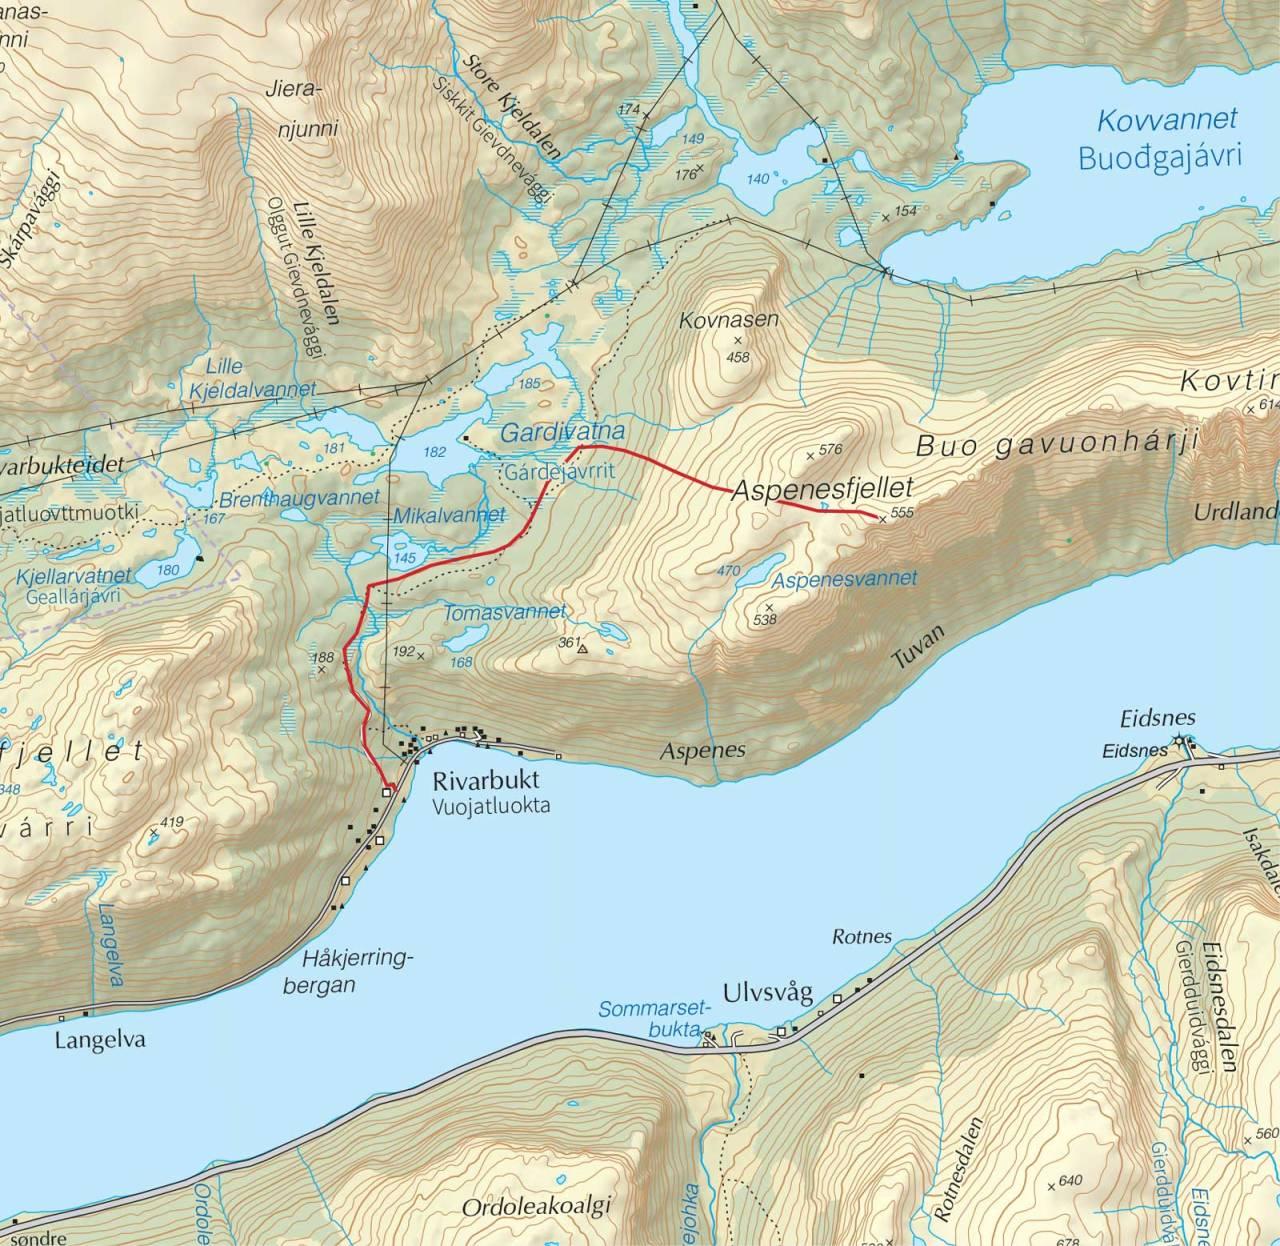 Kart over Aspnesfjellet med inntegnet rute. Fra Trygge toppturer.